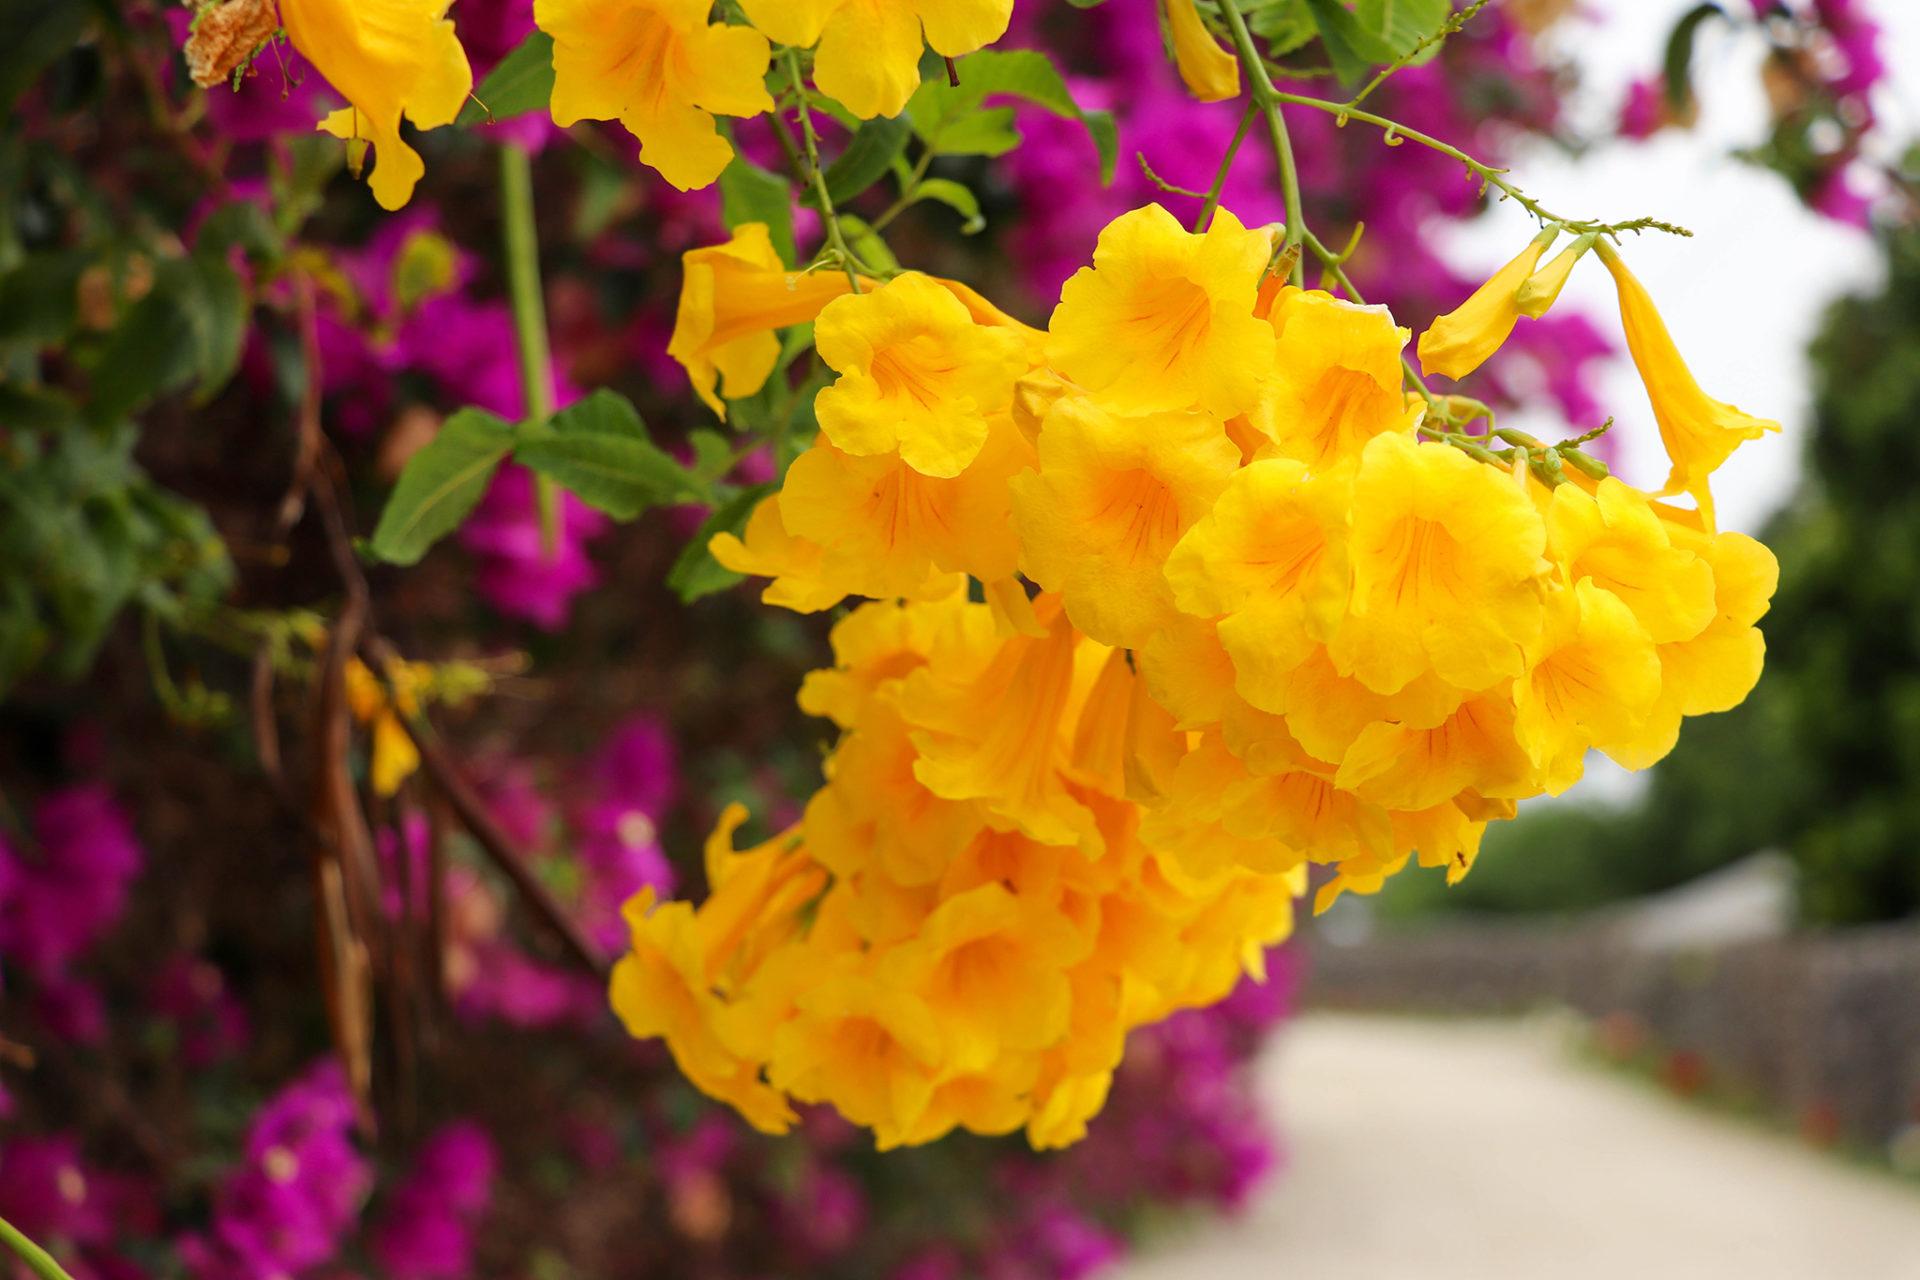 沖縄 竹富島の黄色い花 キンレイジュ